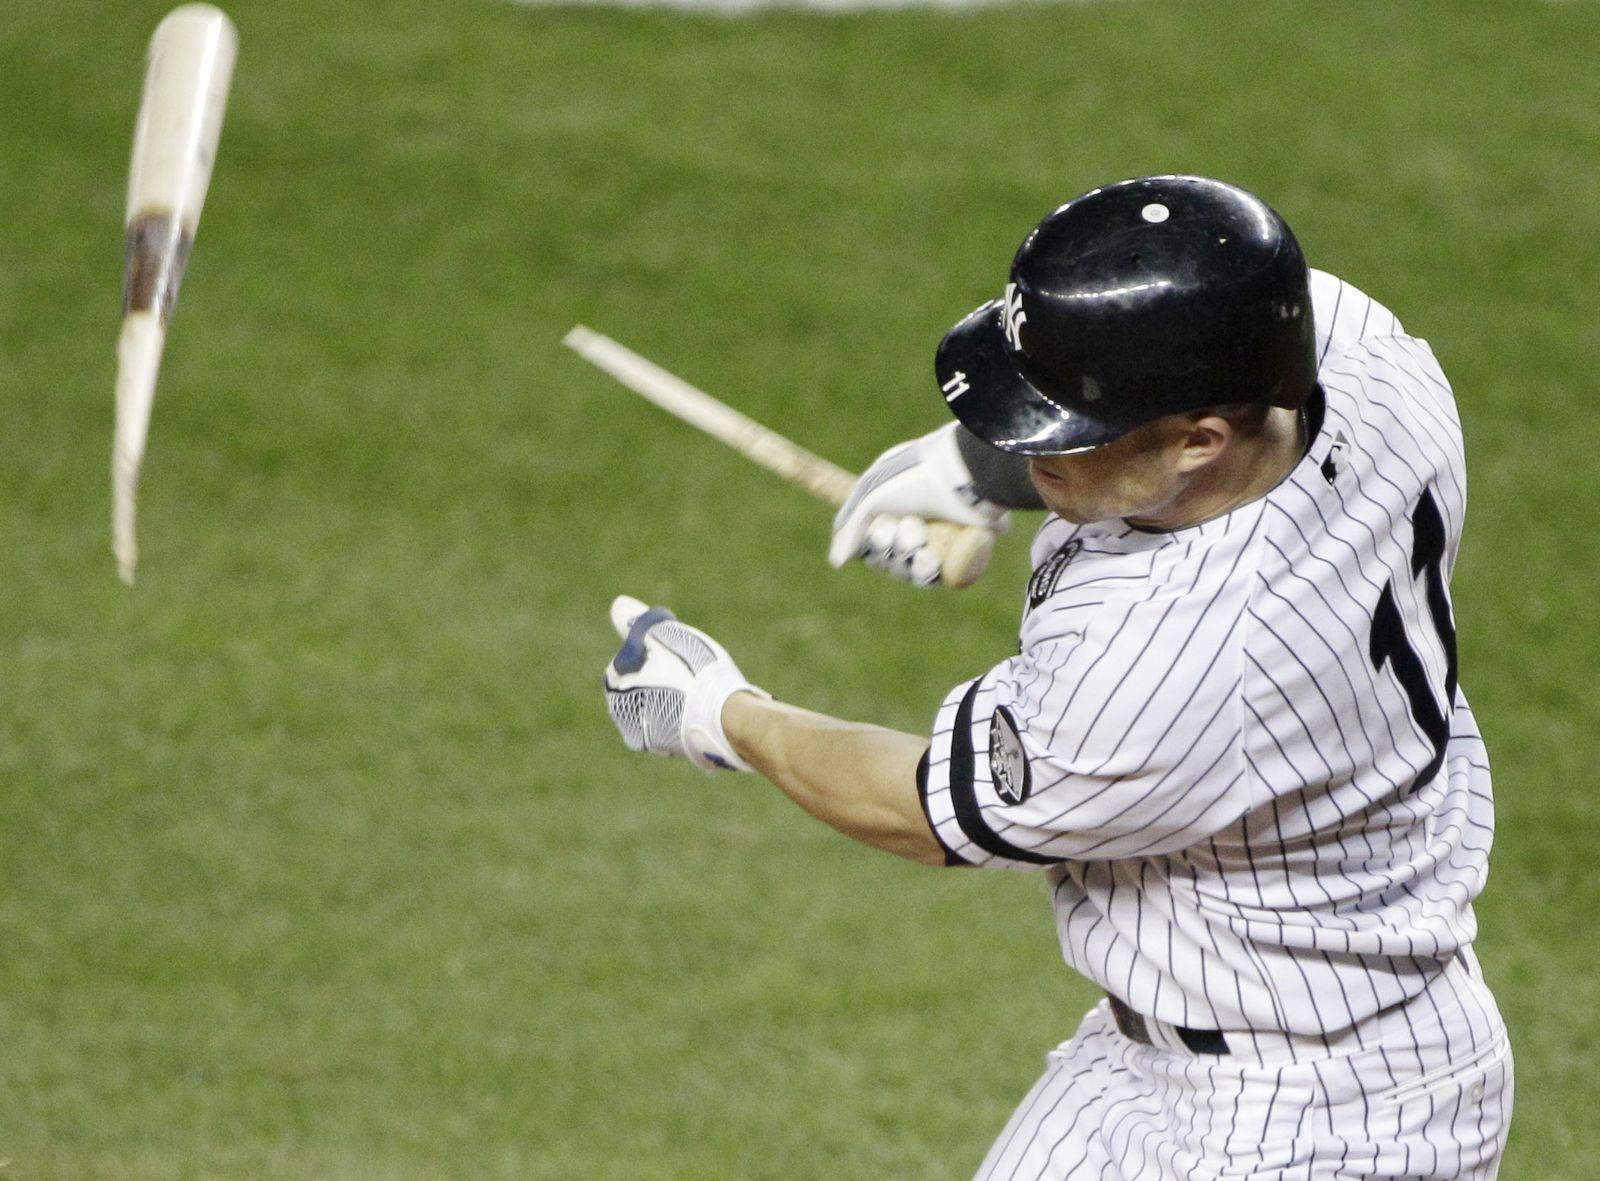 Yankees-Spieler Garnder zersplittert Schläger